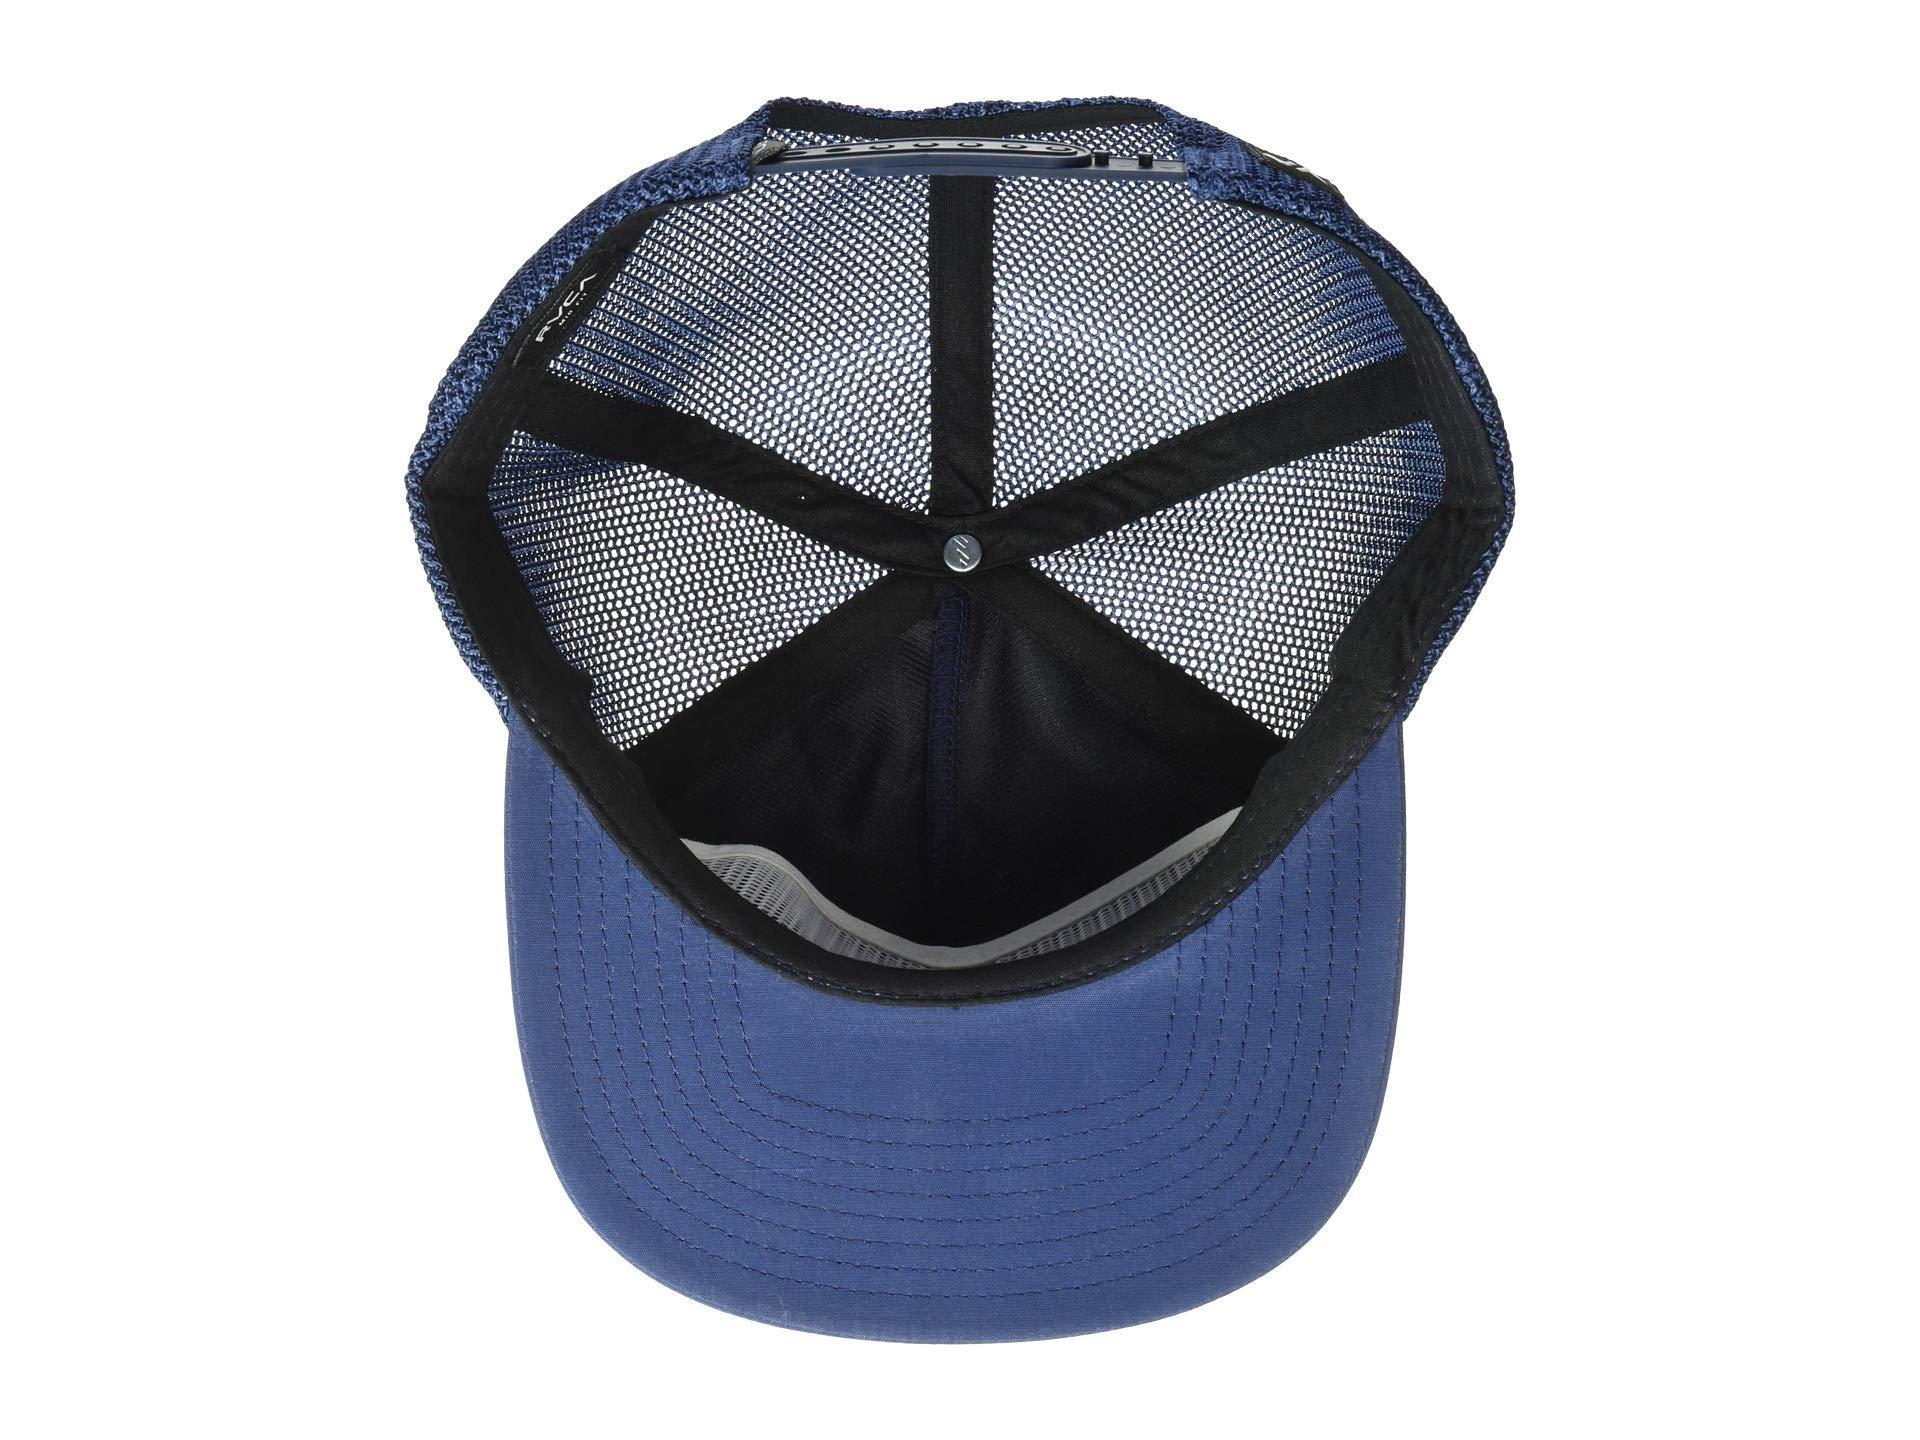 RVCA - Blue Va All The Way Trucker (dark Navy) Caps for Men -. View  fullscreen ed451a1ec92f